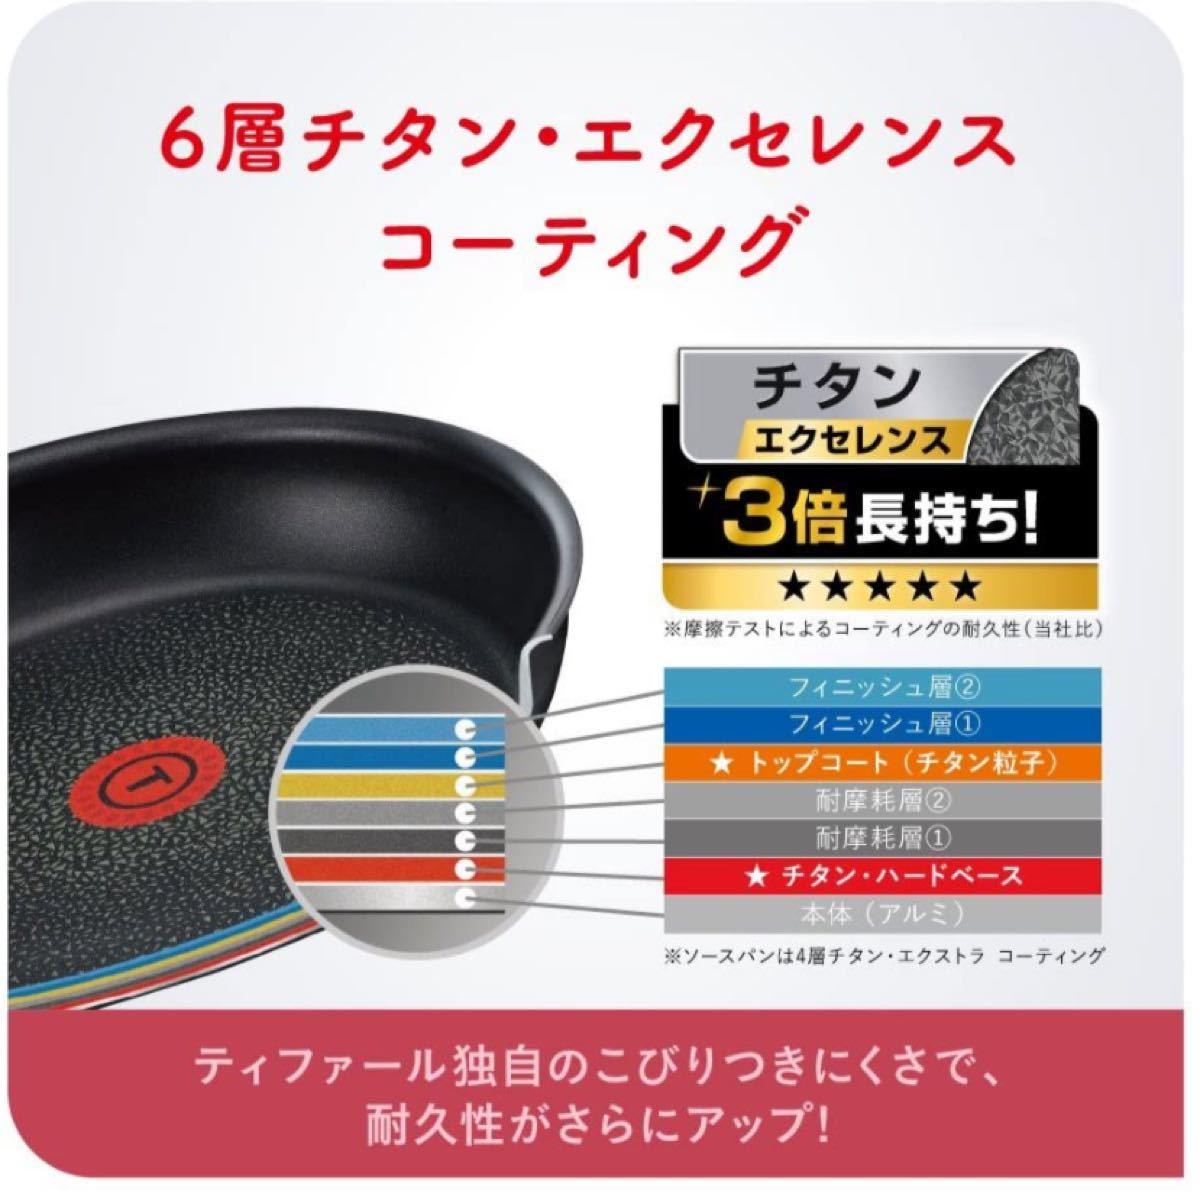 新品・未開封 インジニオ・ネオ IHルビー・エクセレンス セット9 L66392